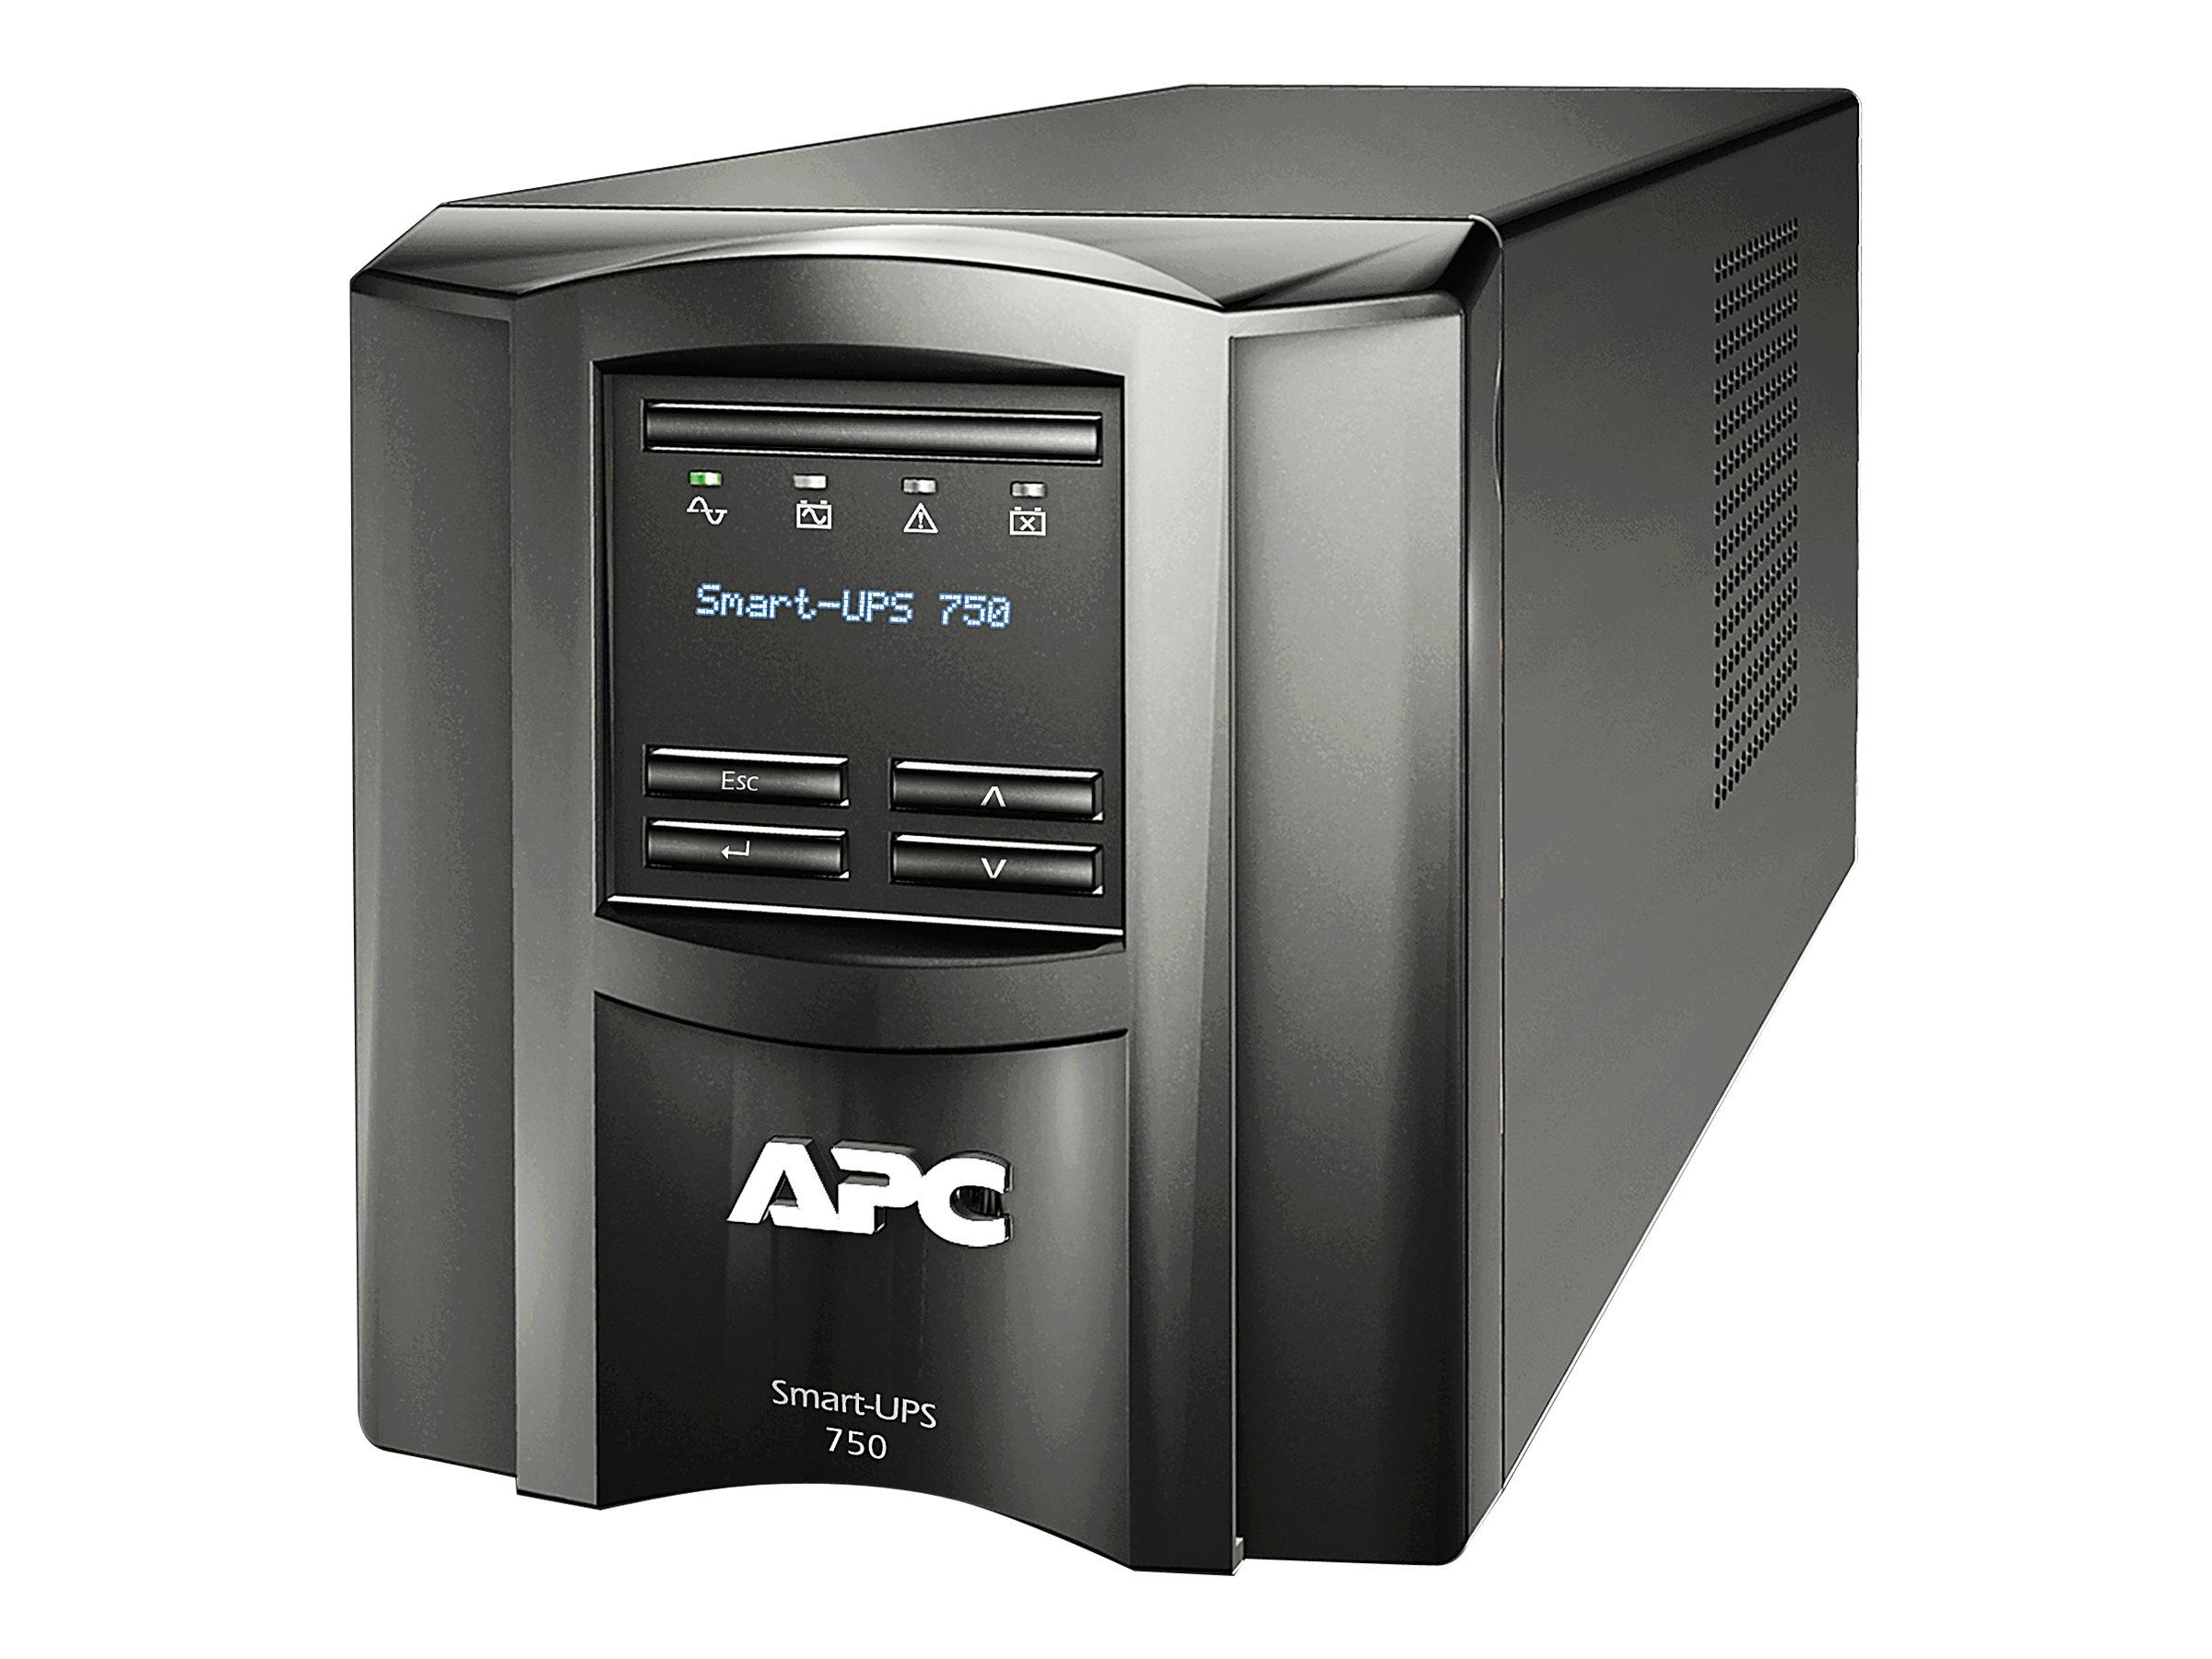 APC Smart-UPS 750 LCD - USV - Wechselstrom 120 V - 500 Watt - 750 VA - RS-232, USB